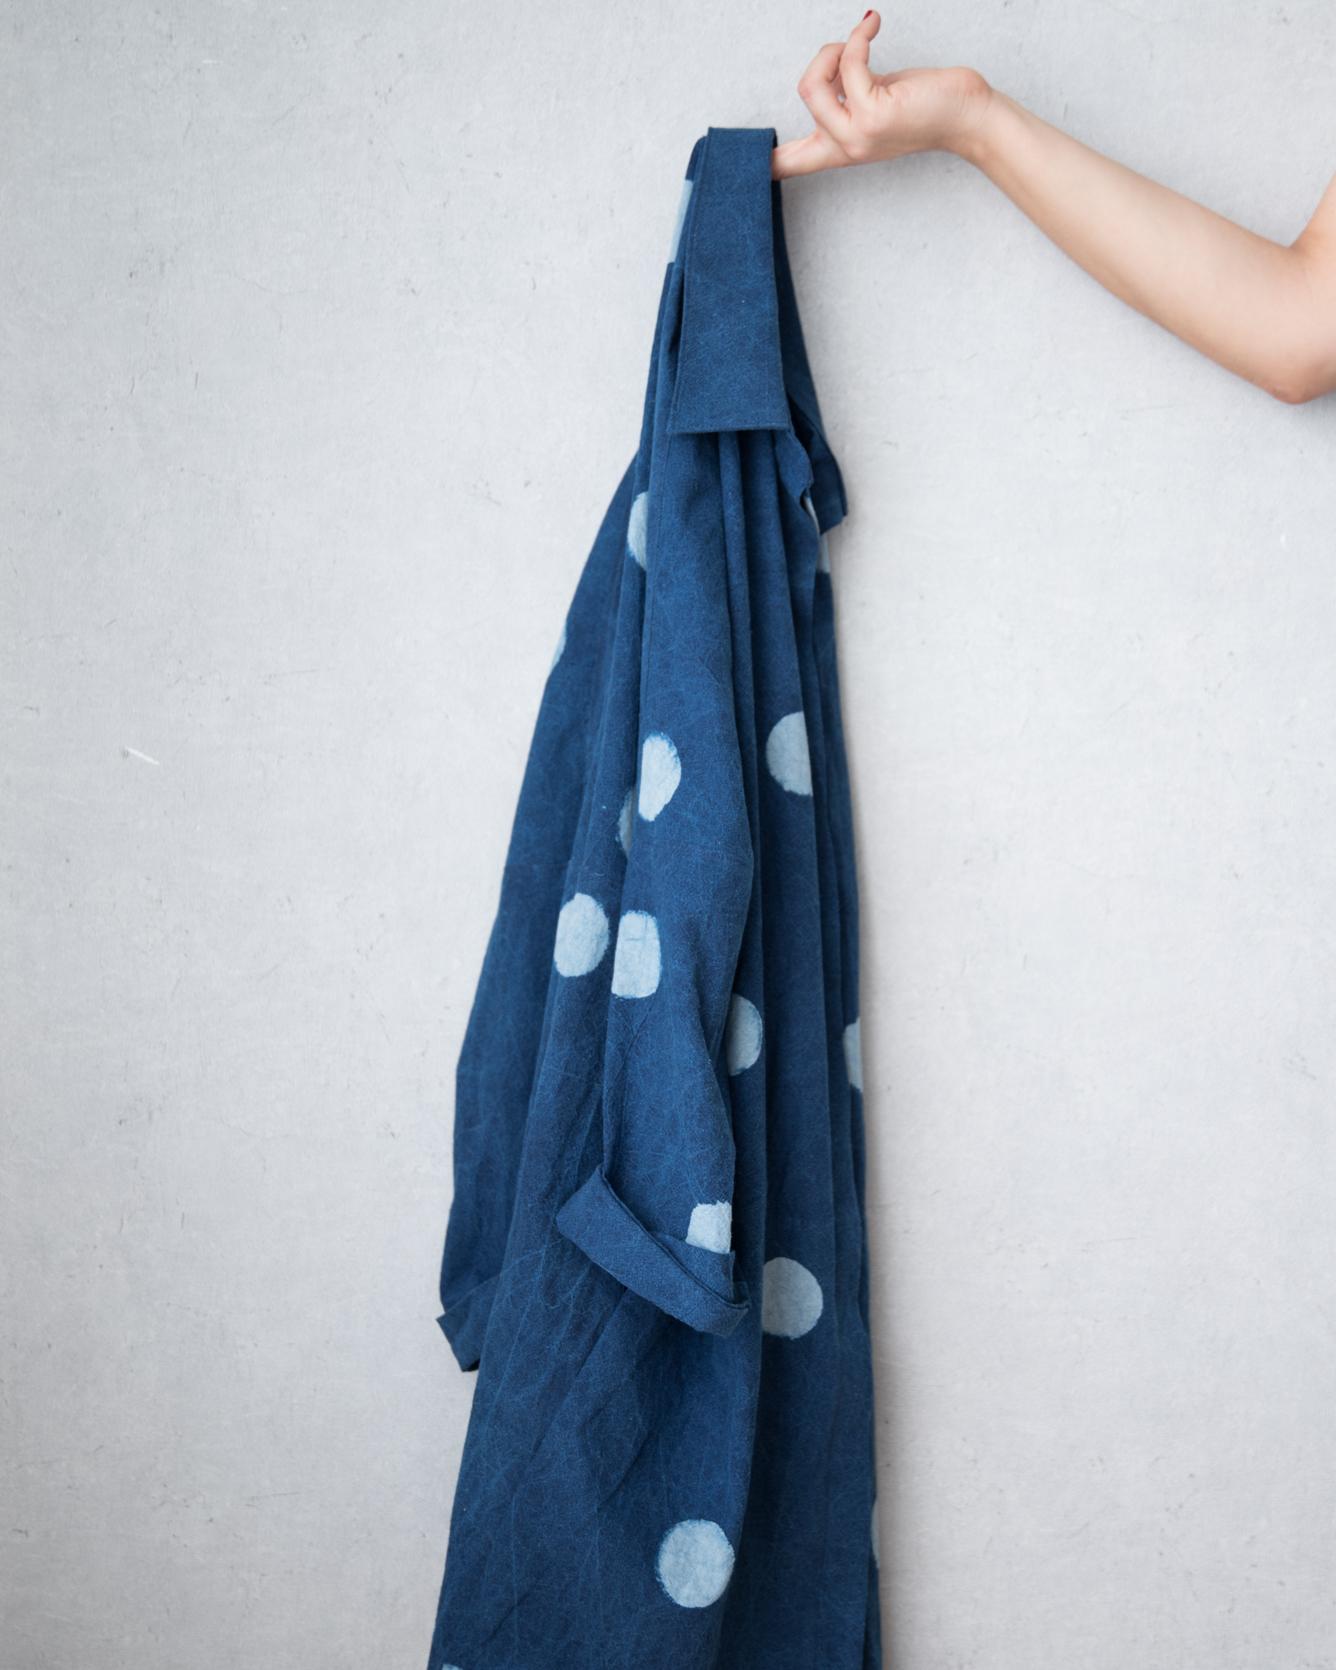 Stoff auswählen Bluse Cocoon - Schnittmuster Bluse nähen - Schnittduett Schnittmuster Oversize Bluse Cocoon Nähanleitung - Wir bieten moderne Schnittmuster für Damen